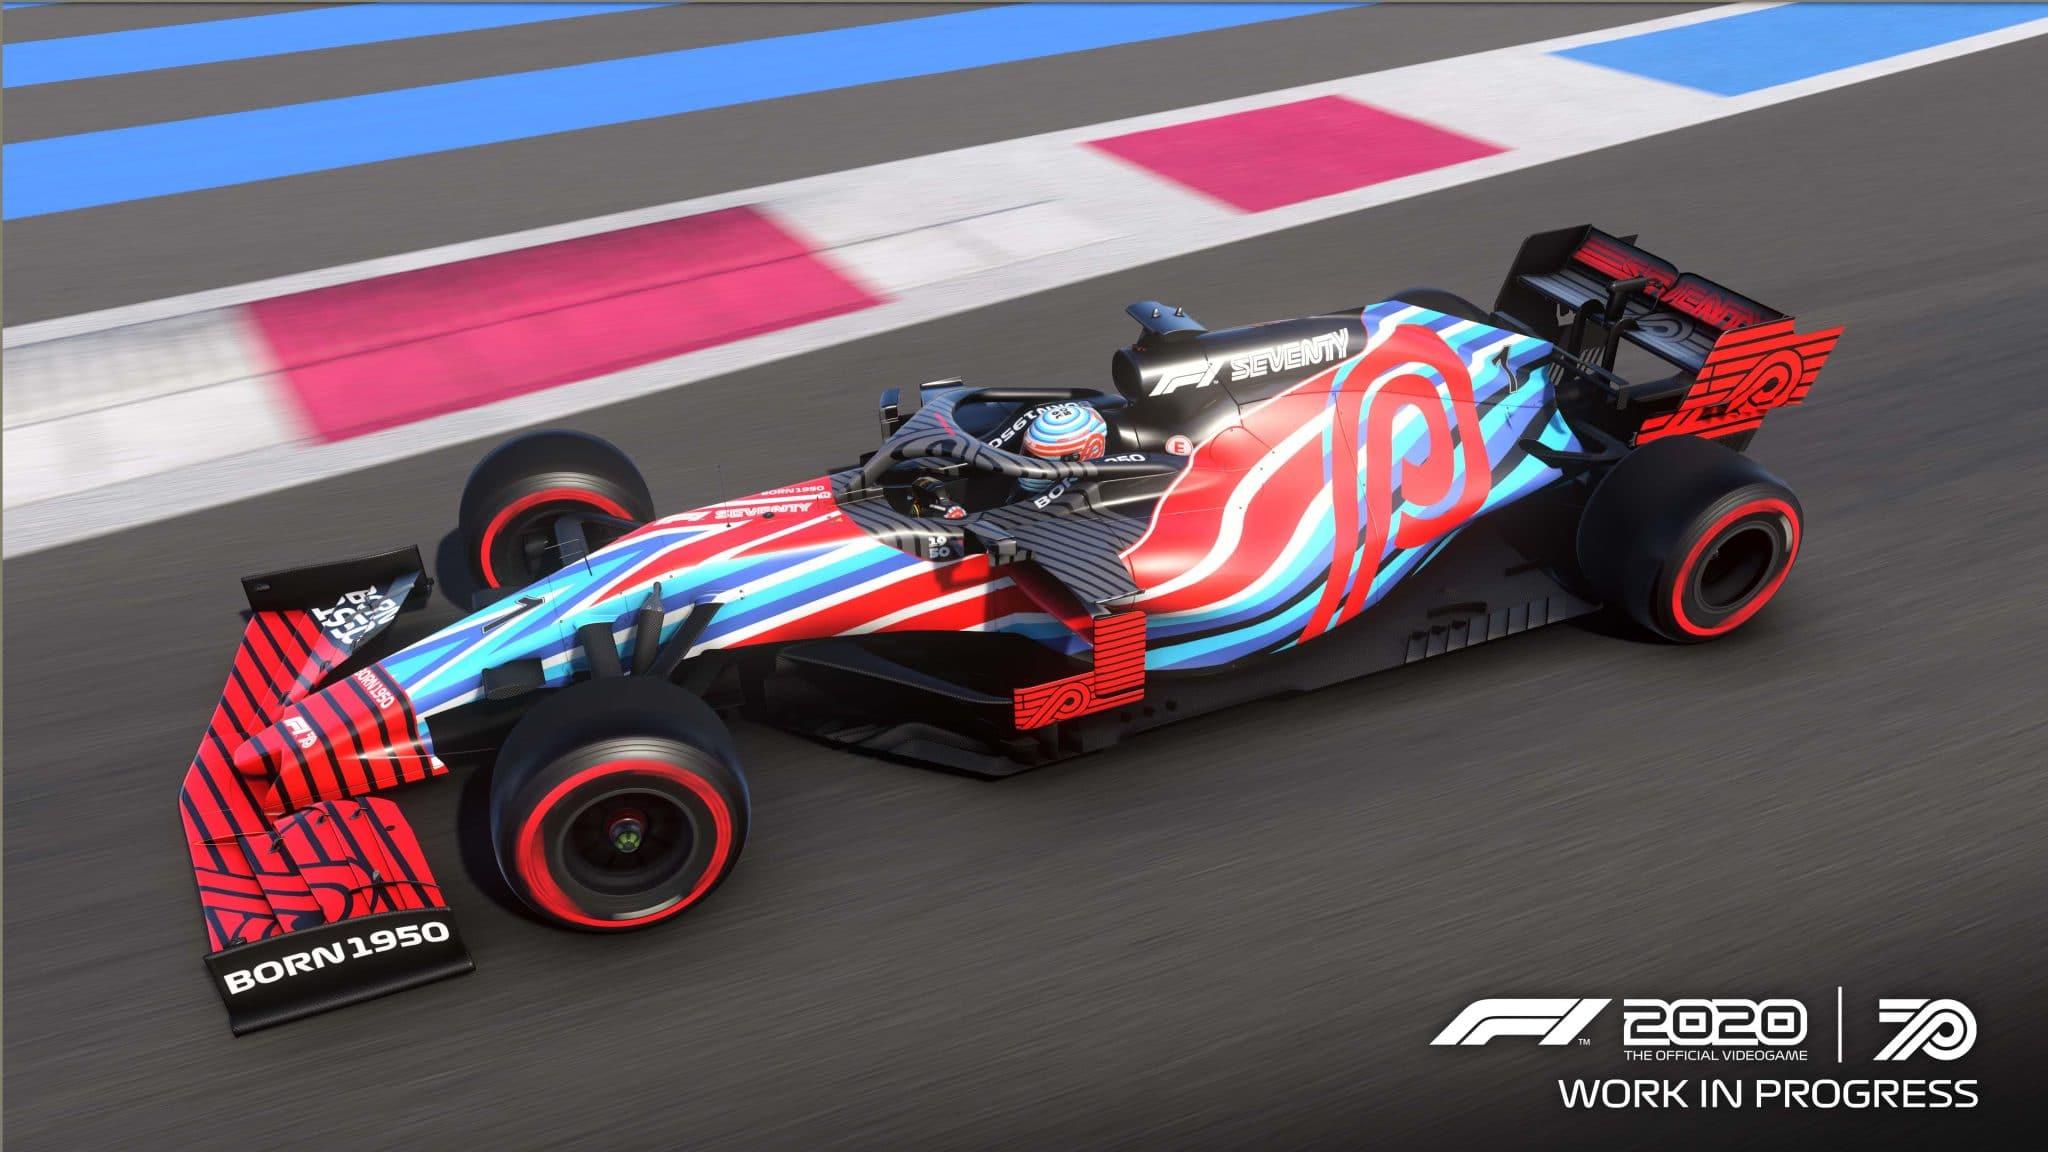 Jeu Formule 1 2020